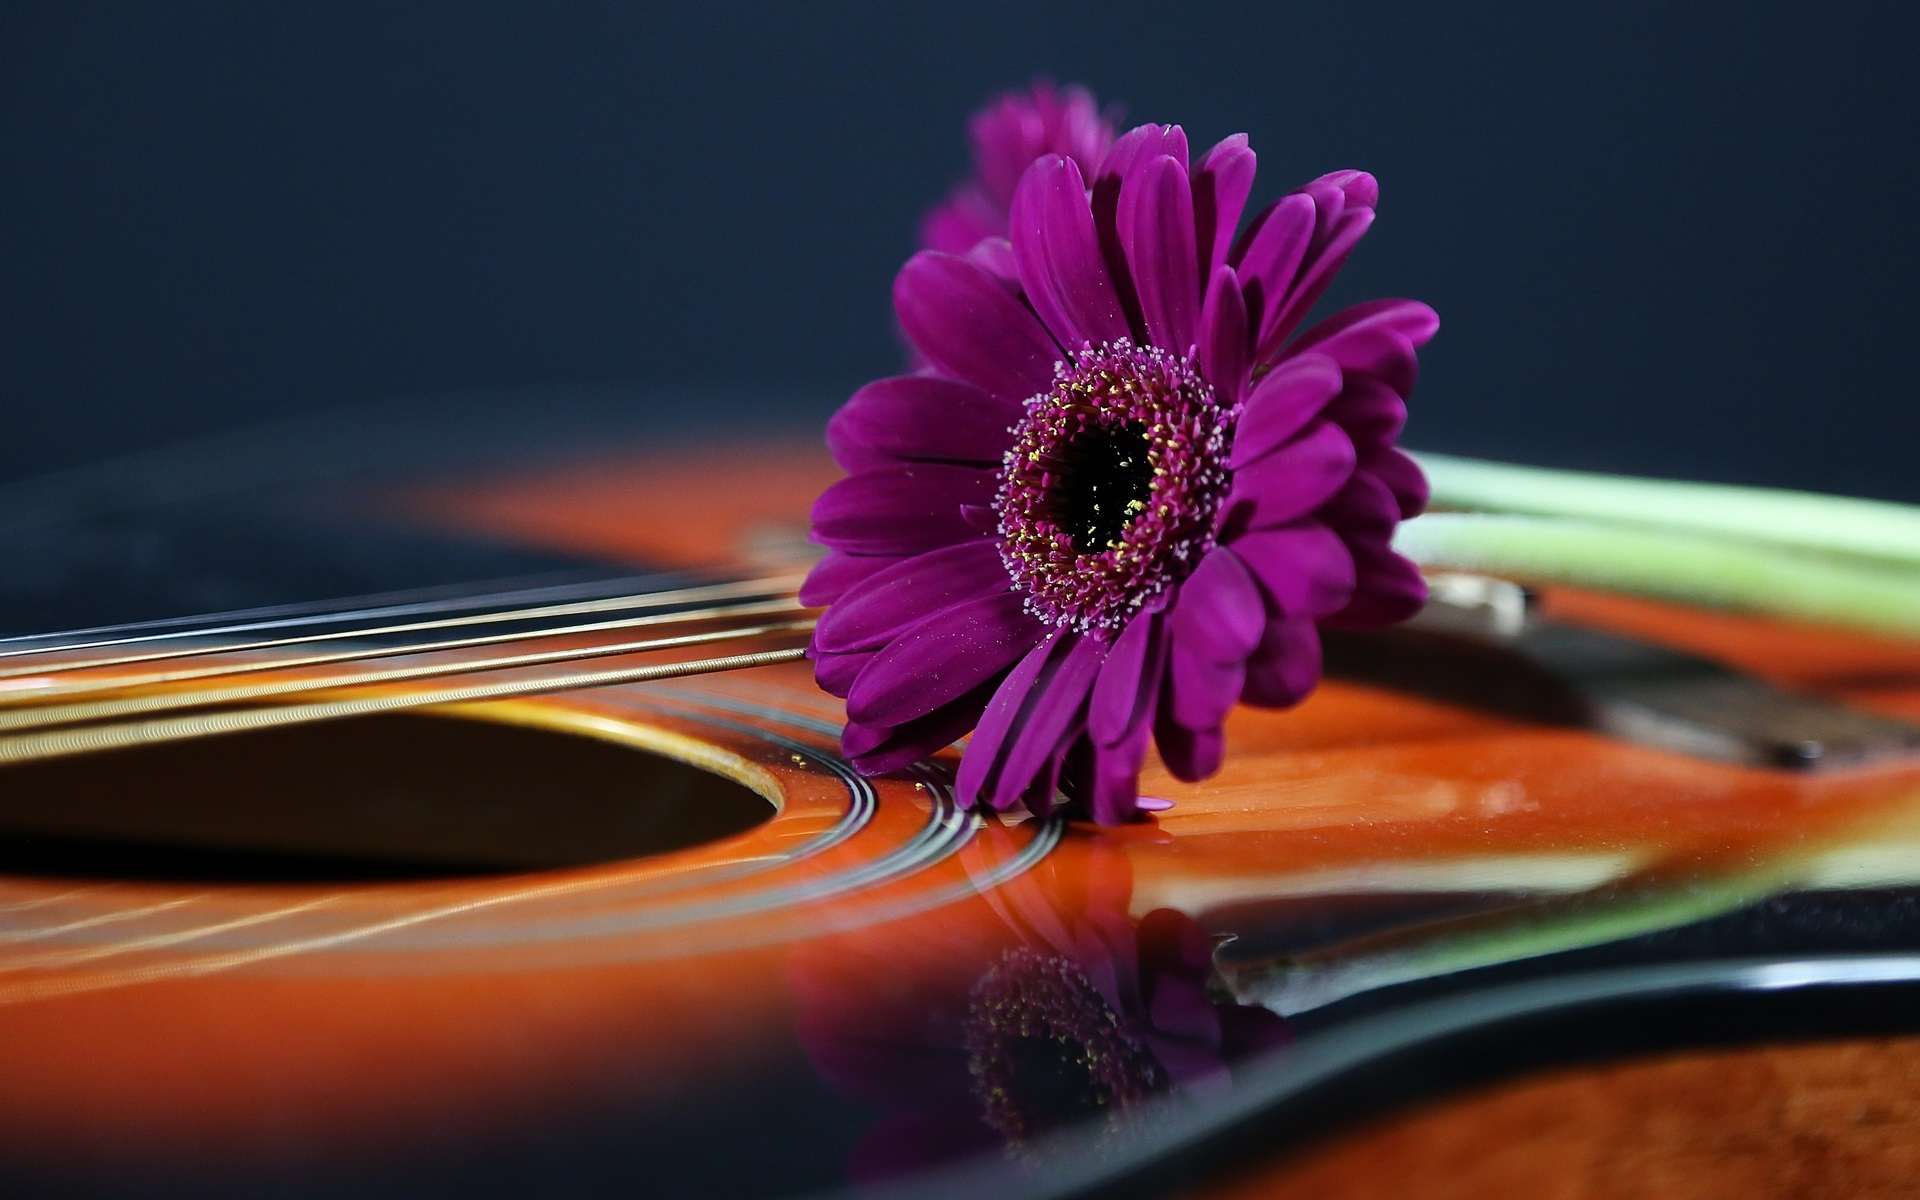 壁紙 紫のデイジー ギター 1920x1200 Hd 無料のデスクトップの背景 画像